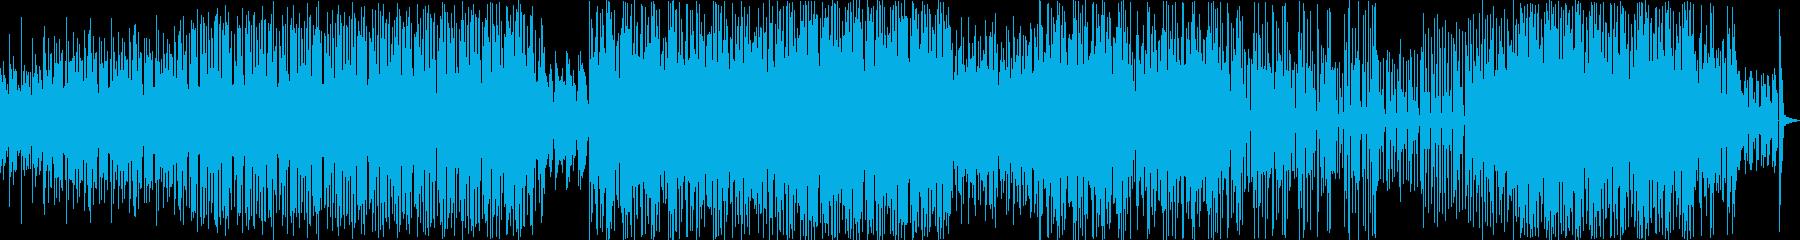 ベースとピアノをループします。追跡...の再生済みの波形